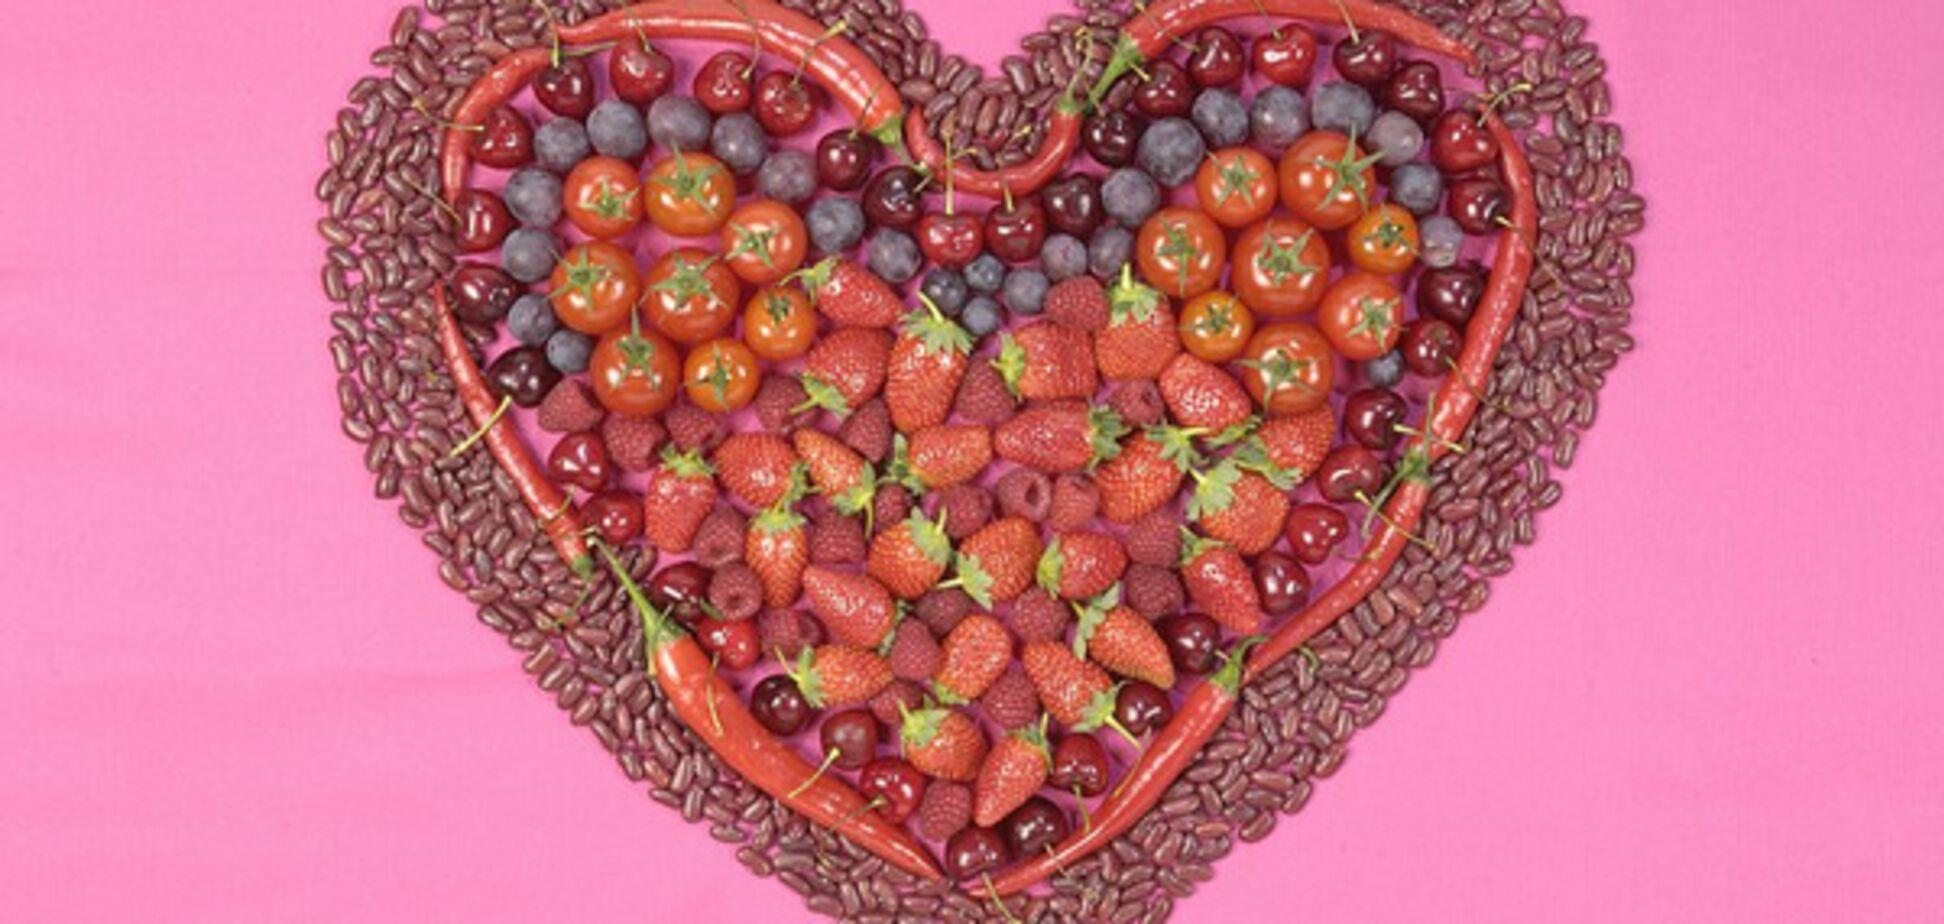 Диета для здорового сердца: названы продукты, которые помогут жить дольше